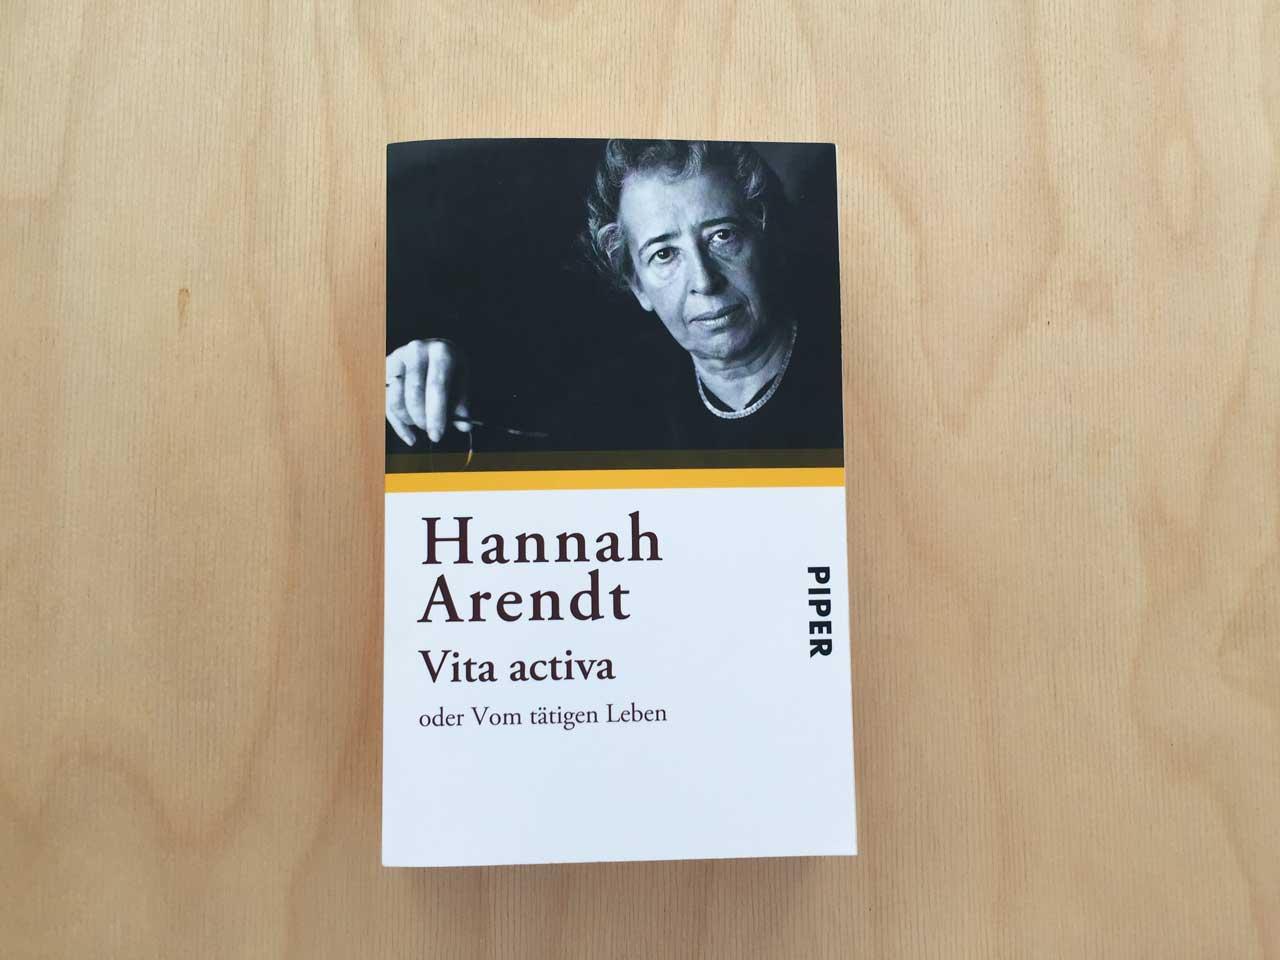 Hannah Arendt Vita activa